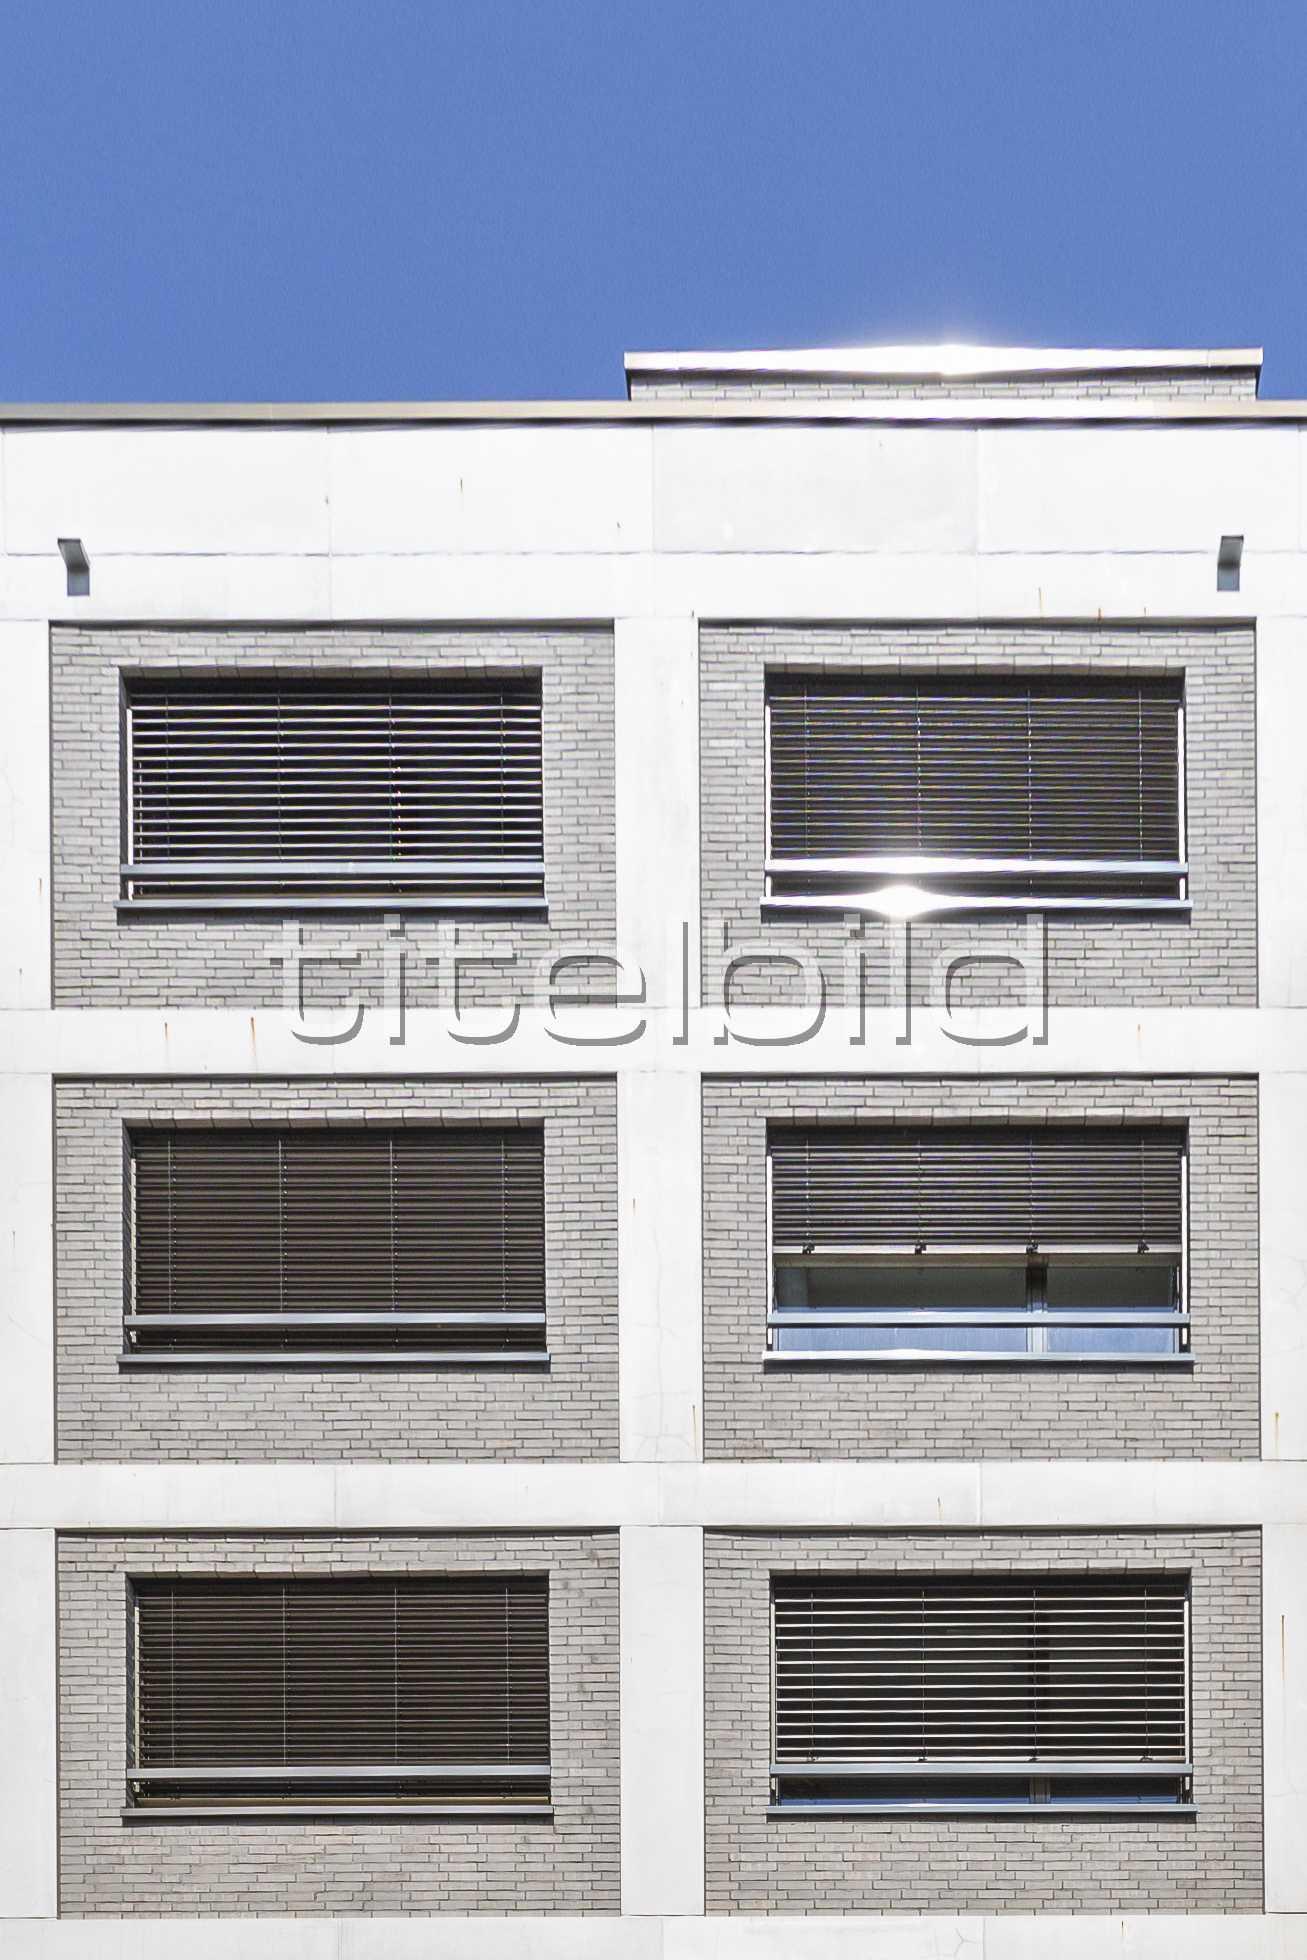 Projektbild-Nr. 3: Wohn- und Geschäftshaus ATRIUM565